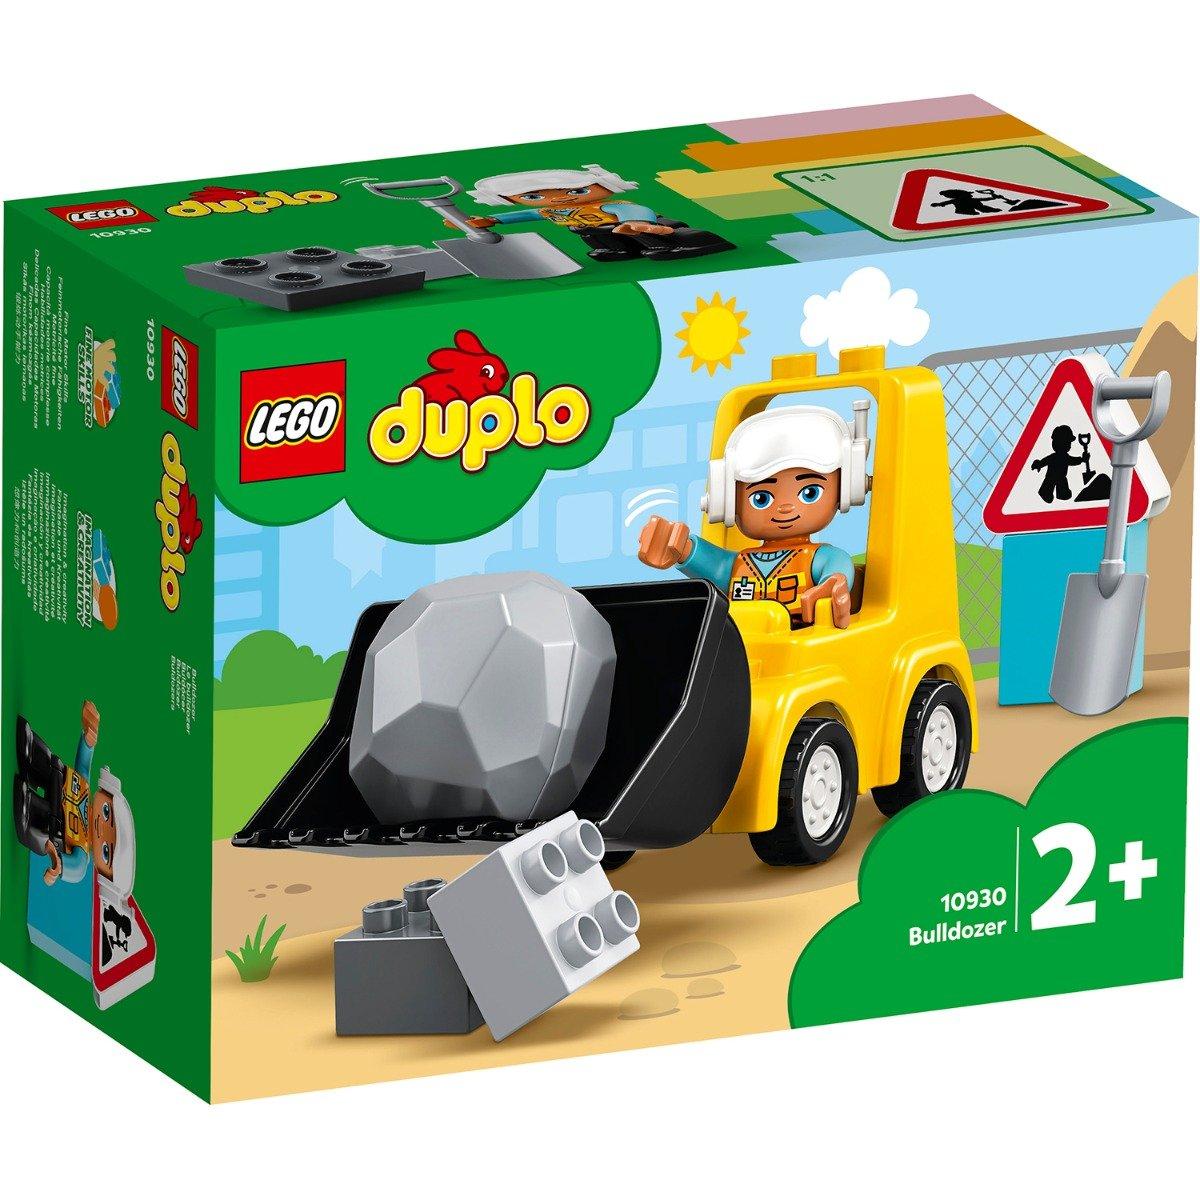 LEGO® DUPLO® - Buldozer (10930)